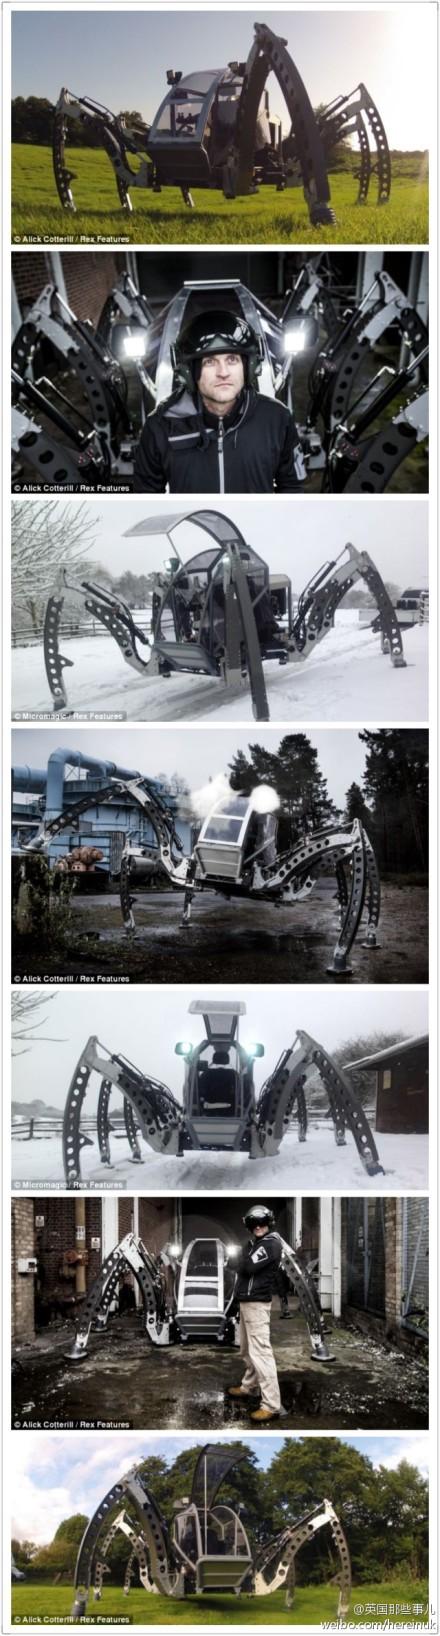 卧槽。这是英国一个工程师造出来的六脚全地形机器人啊! 浓浓一股科幻电影的感觉有木有! 他表示 这东西可以自己在里面开。也能通过wifi遥控。。。这才是技术帝啊!!